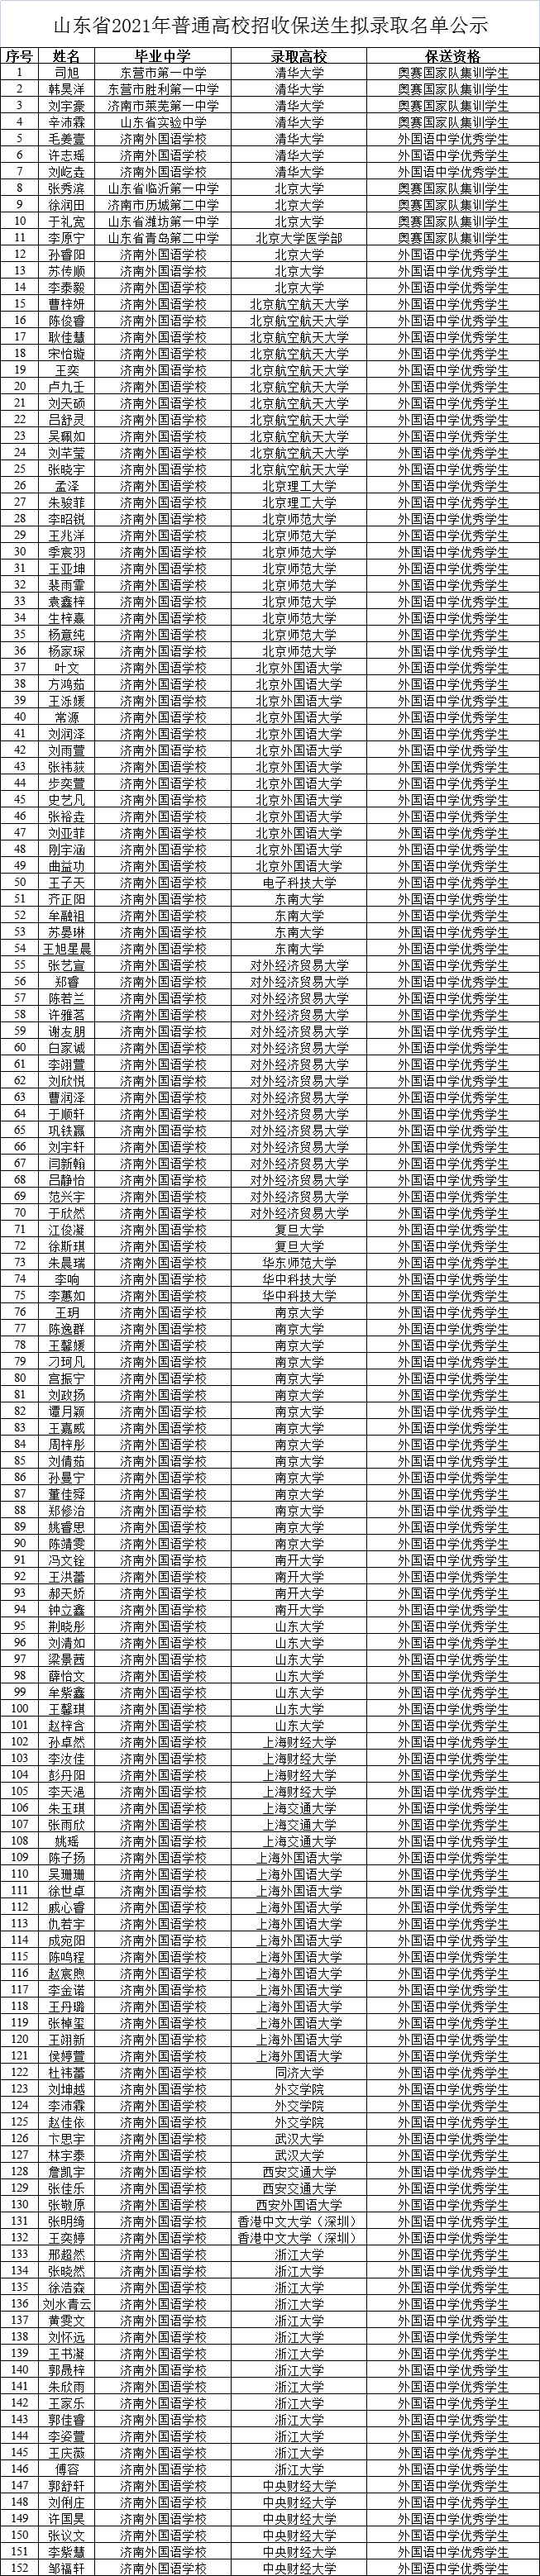 2021年山東保送生擬錄取名單公示,152人